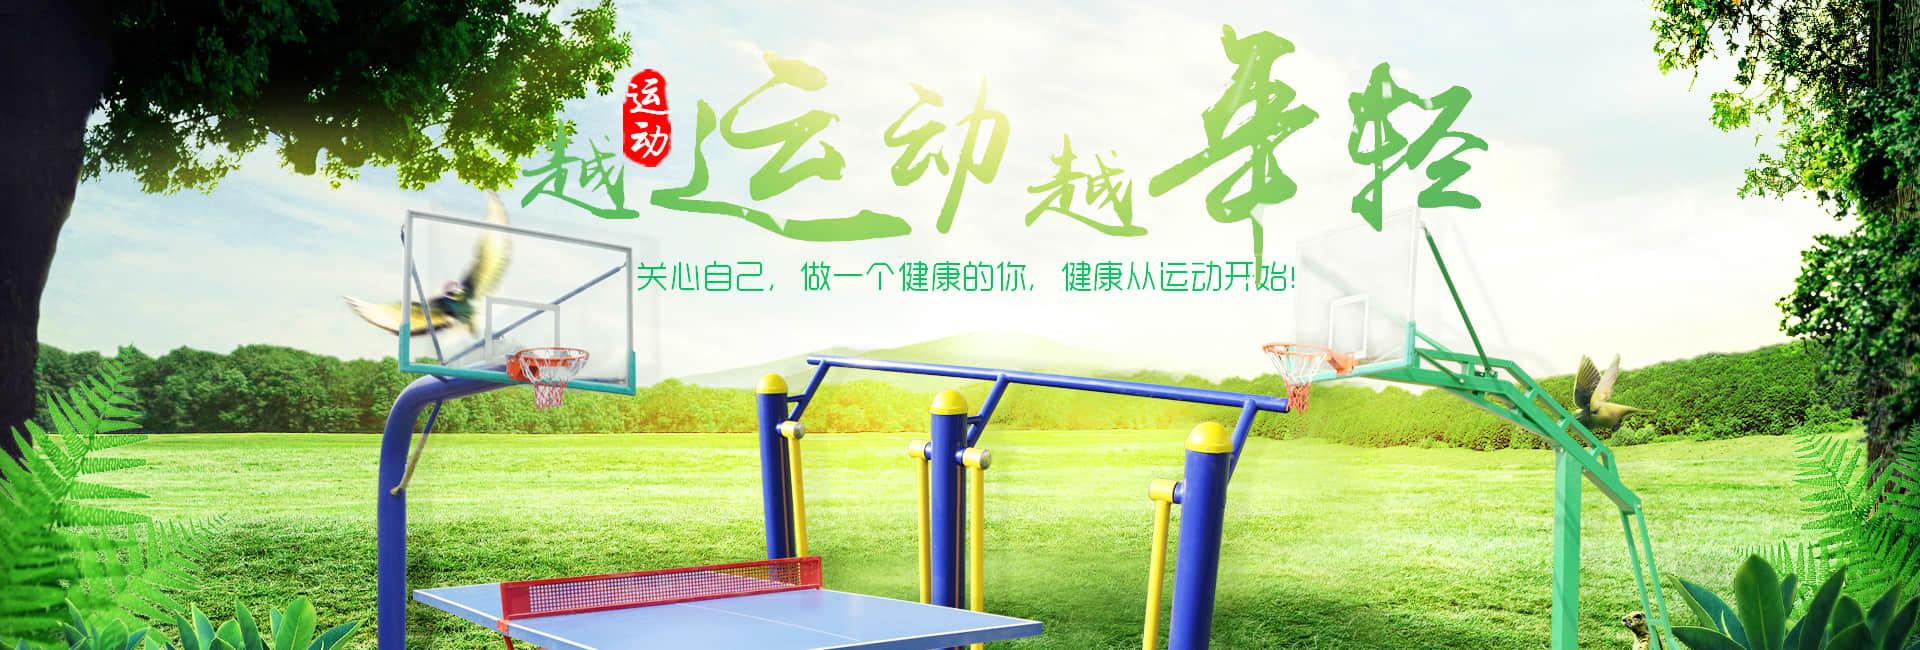 南宁乒乓球台订购,南宁乒乓球台,南宁乒乓球台销售